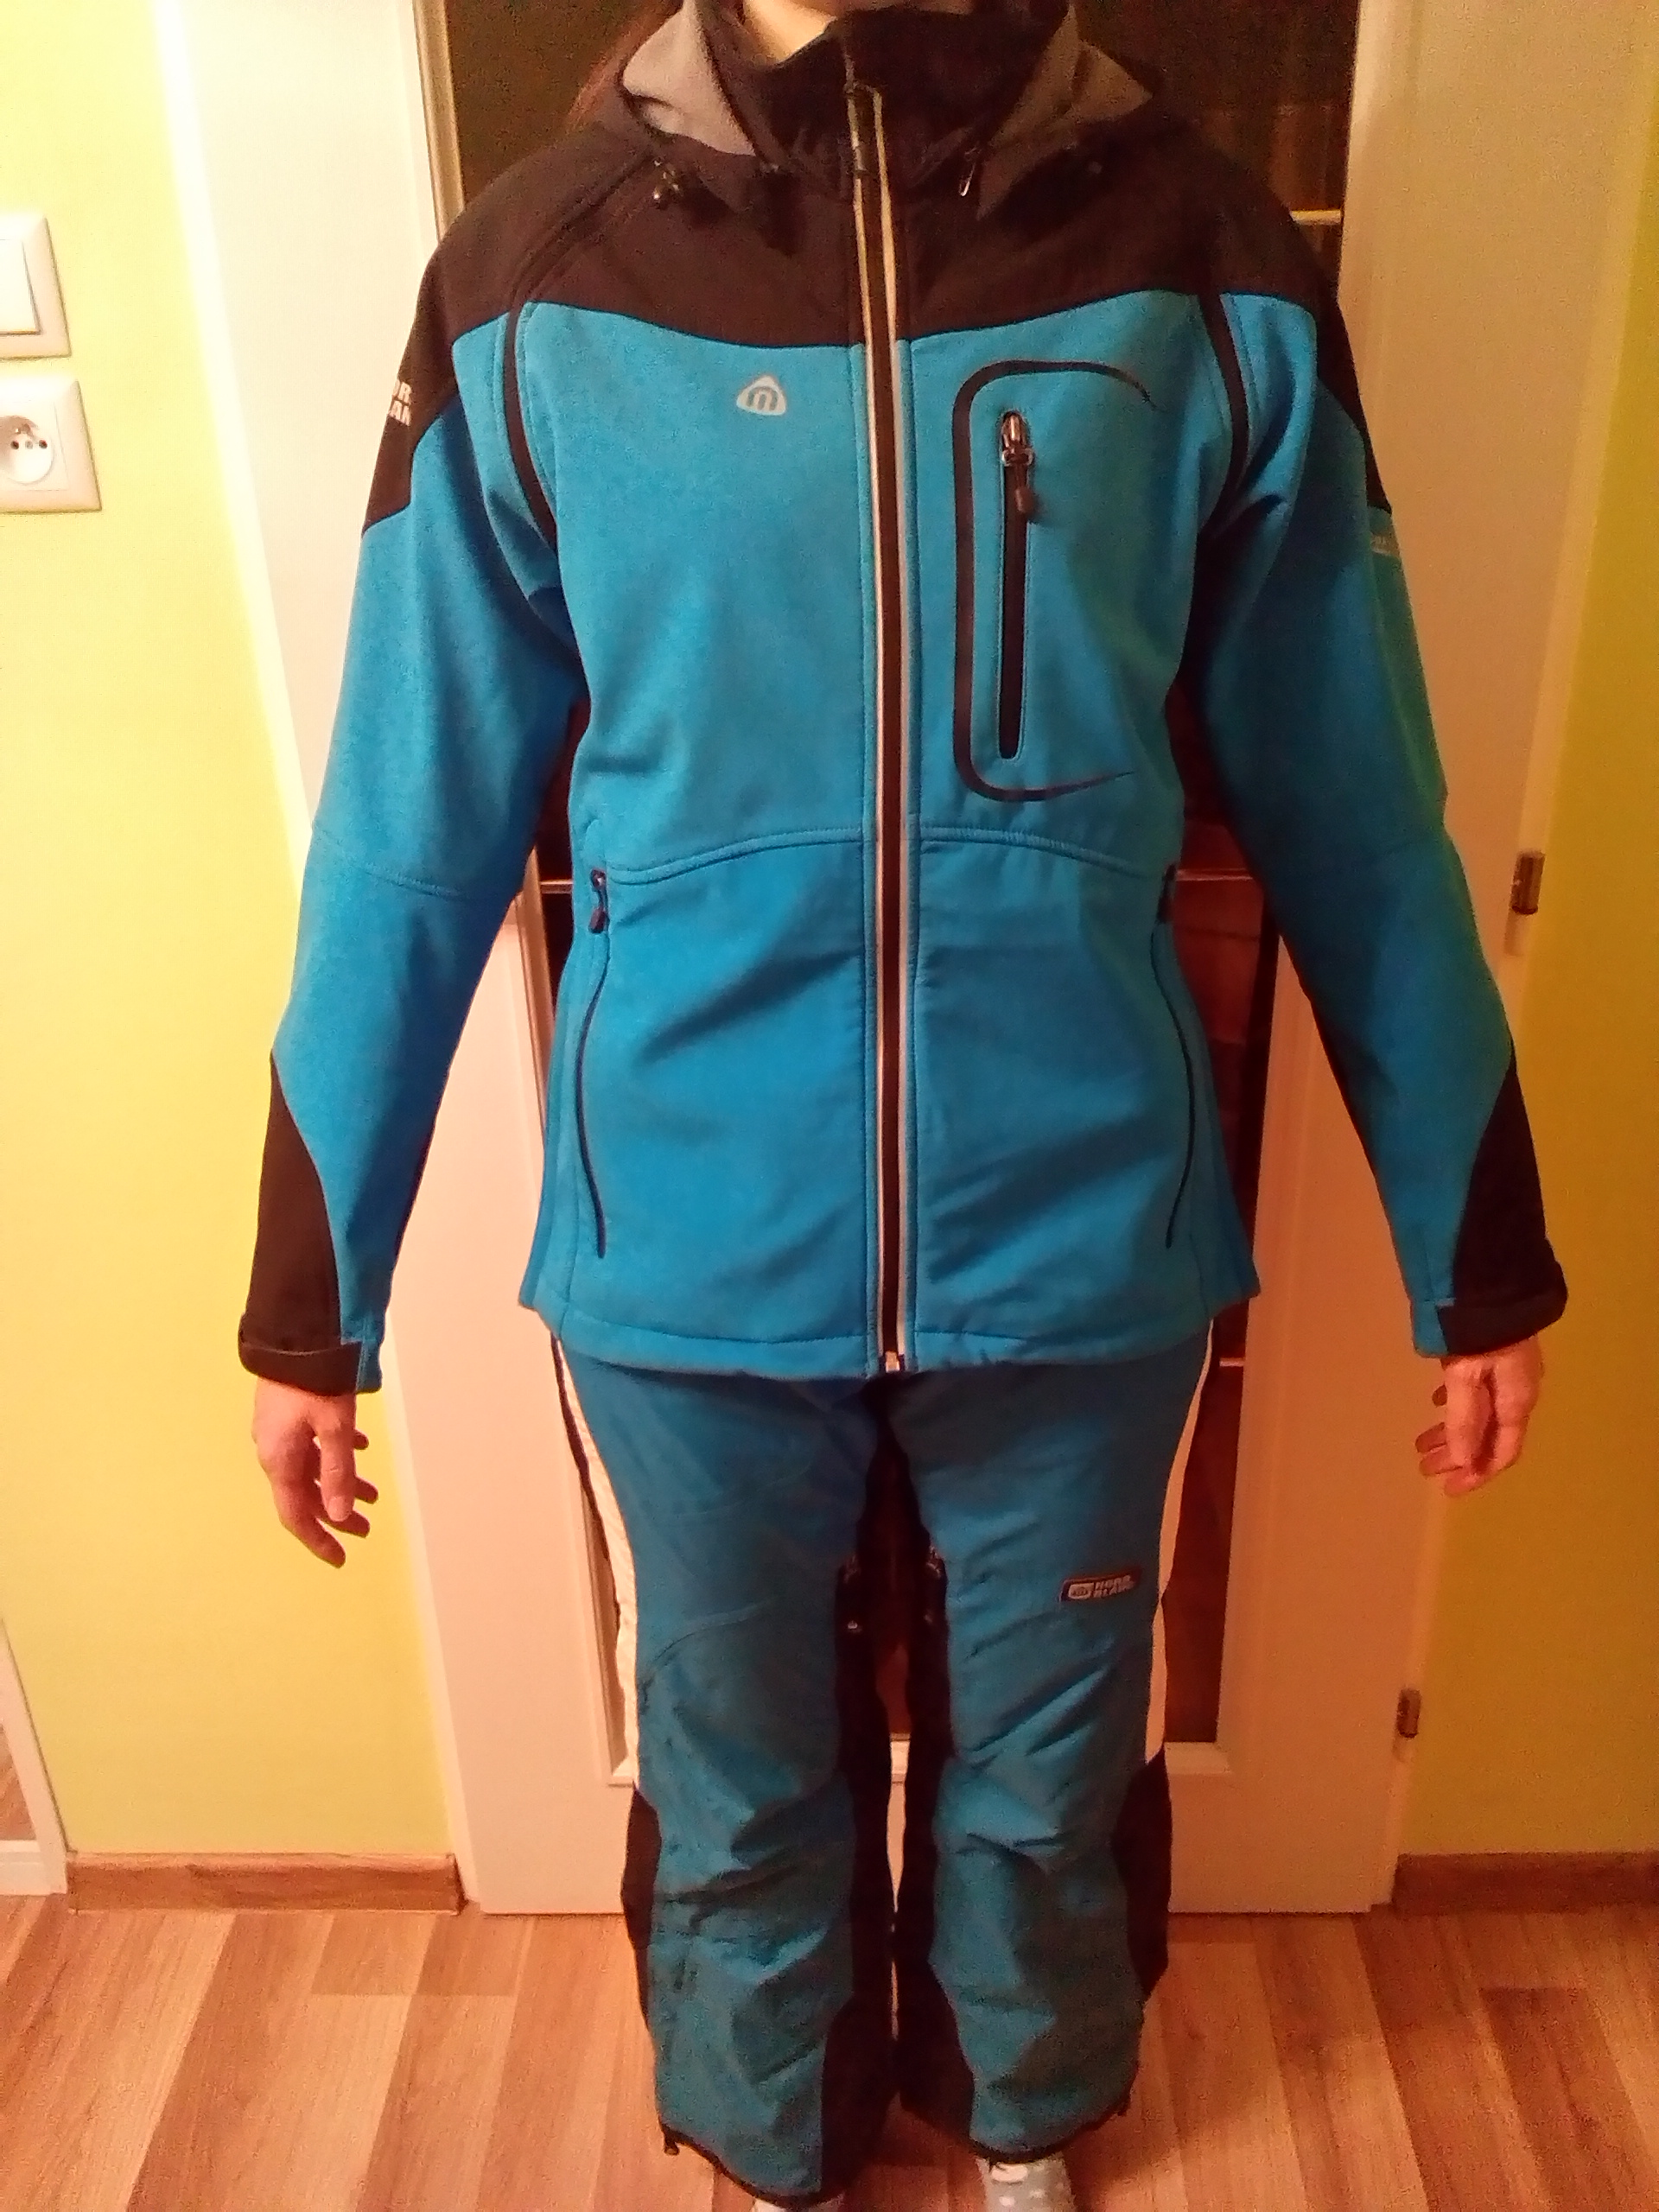 Dámska softshell lyžařská bunda NORDBLANC - Bazar - SNOW.CZ 4d2118c7b4